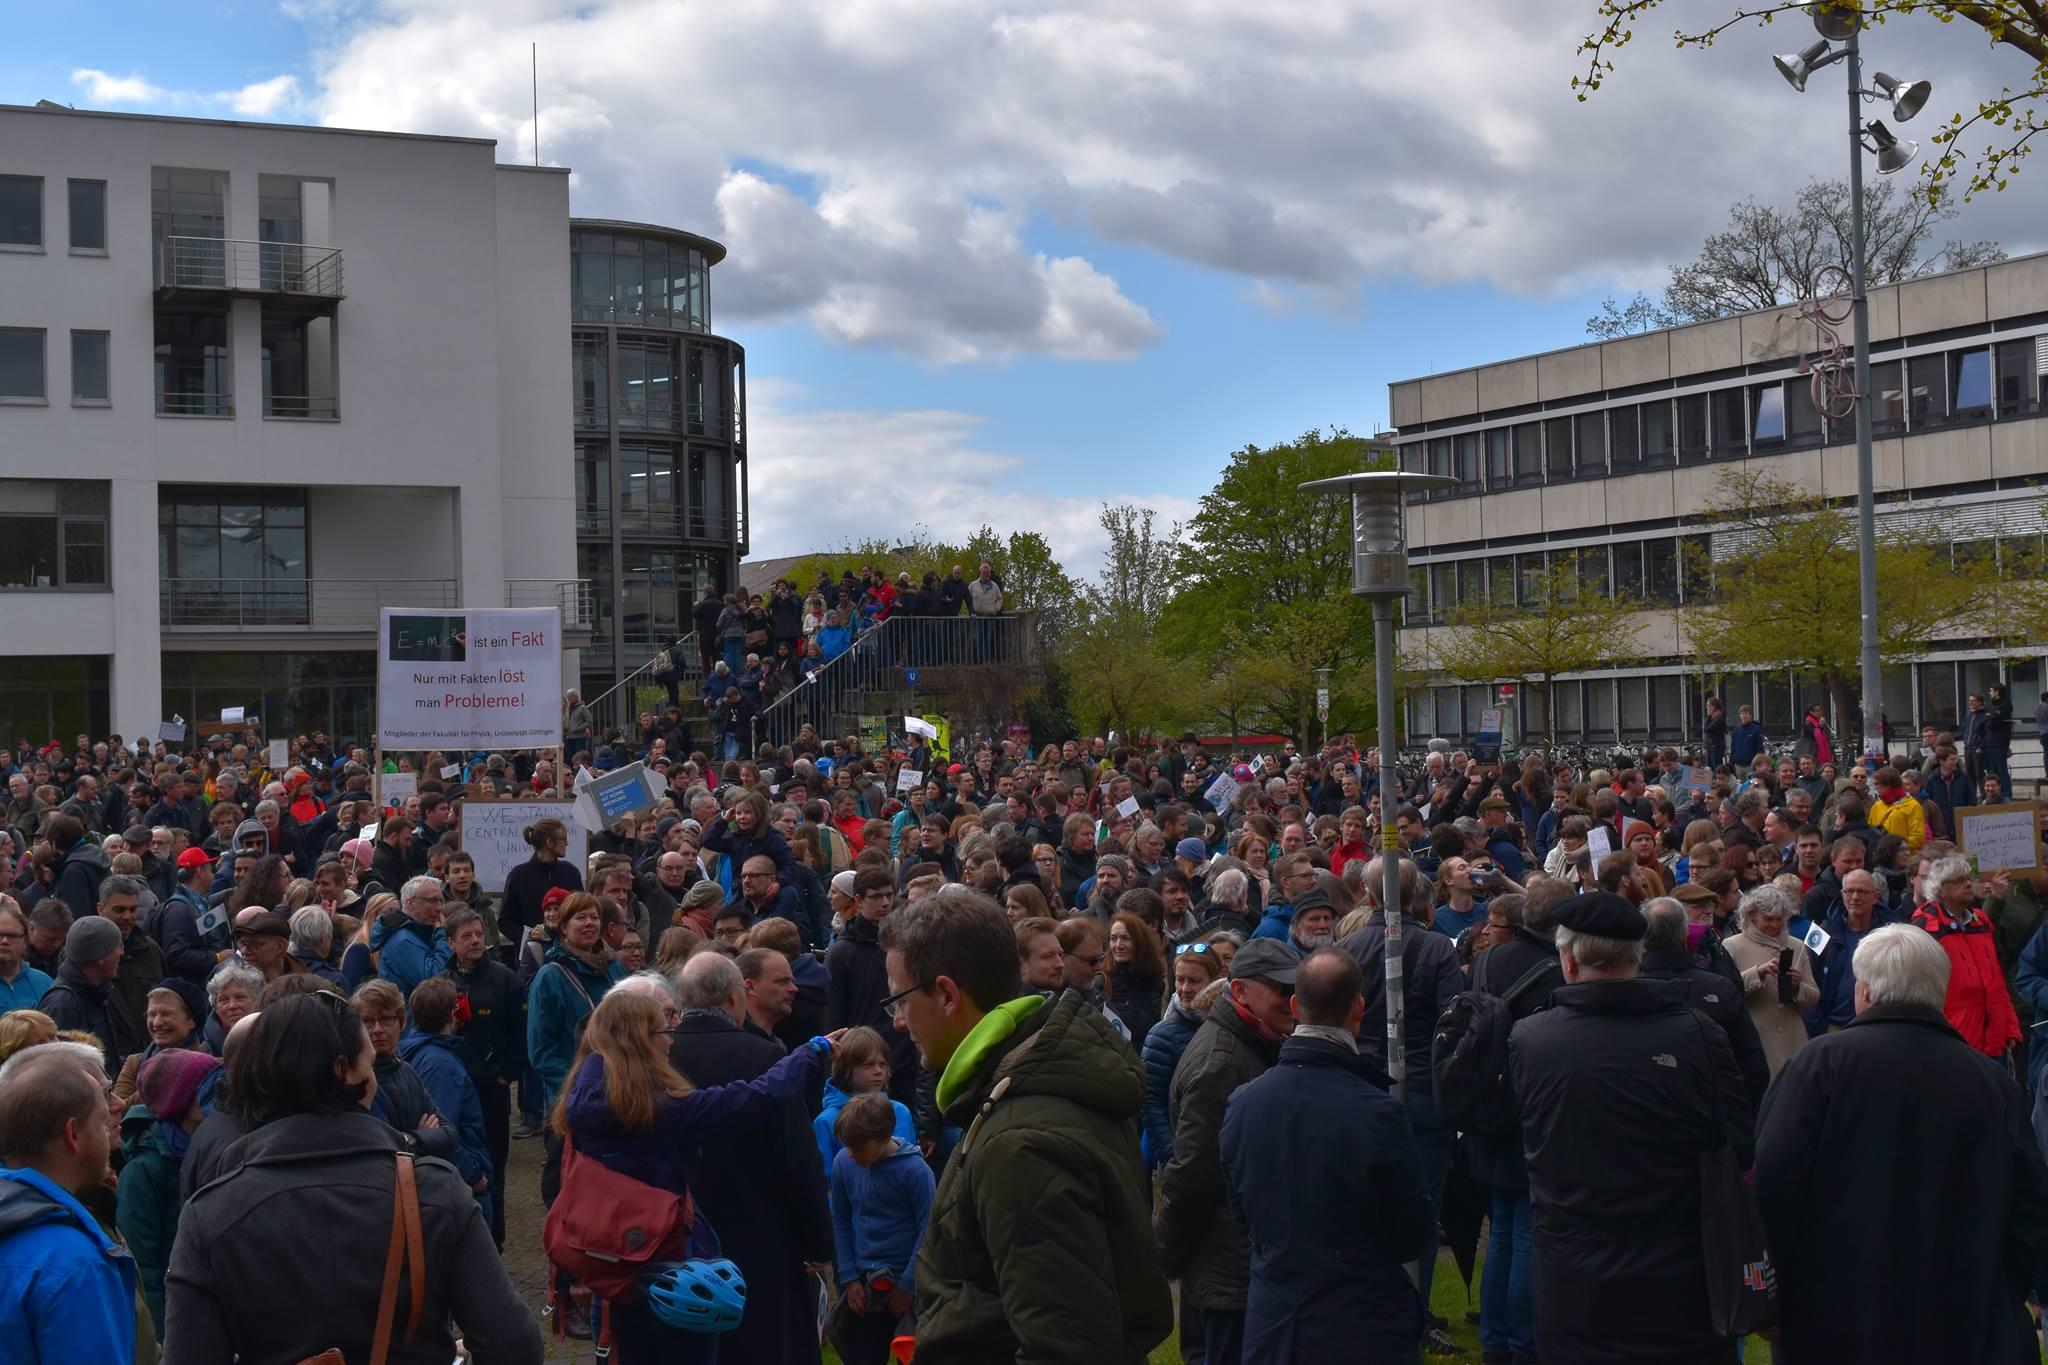 Demonstranten sammeln sich zur Abschlusskundgebung auf dem Platz der Göttinger Sieben. Foto: Hatice Karakus